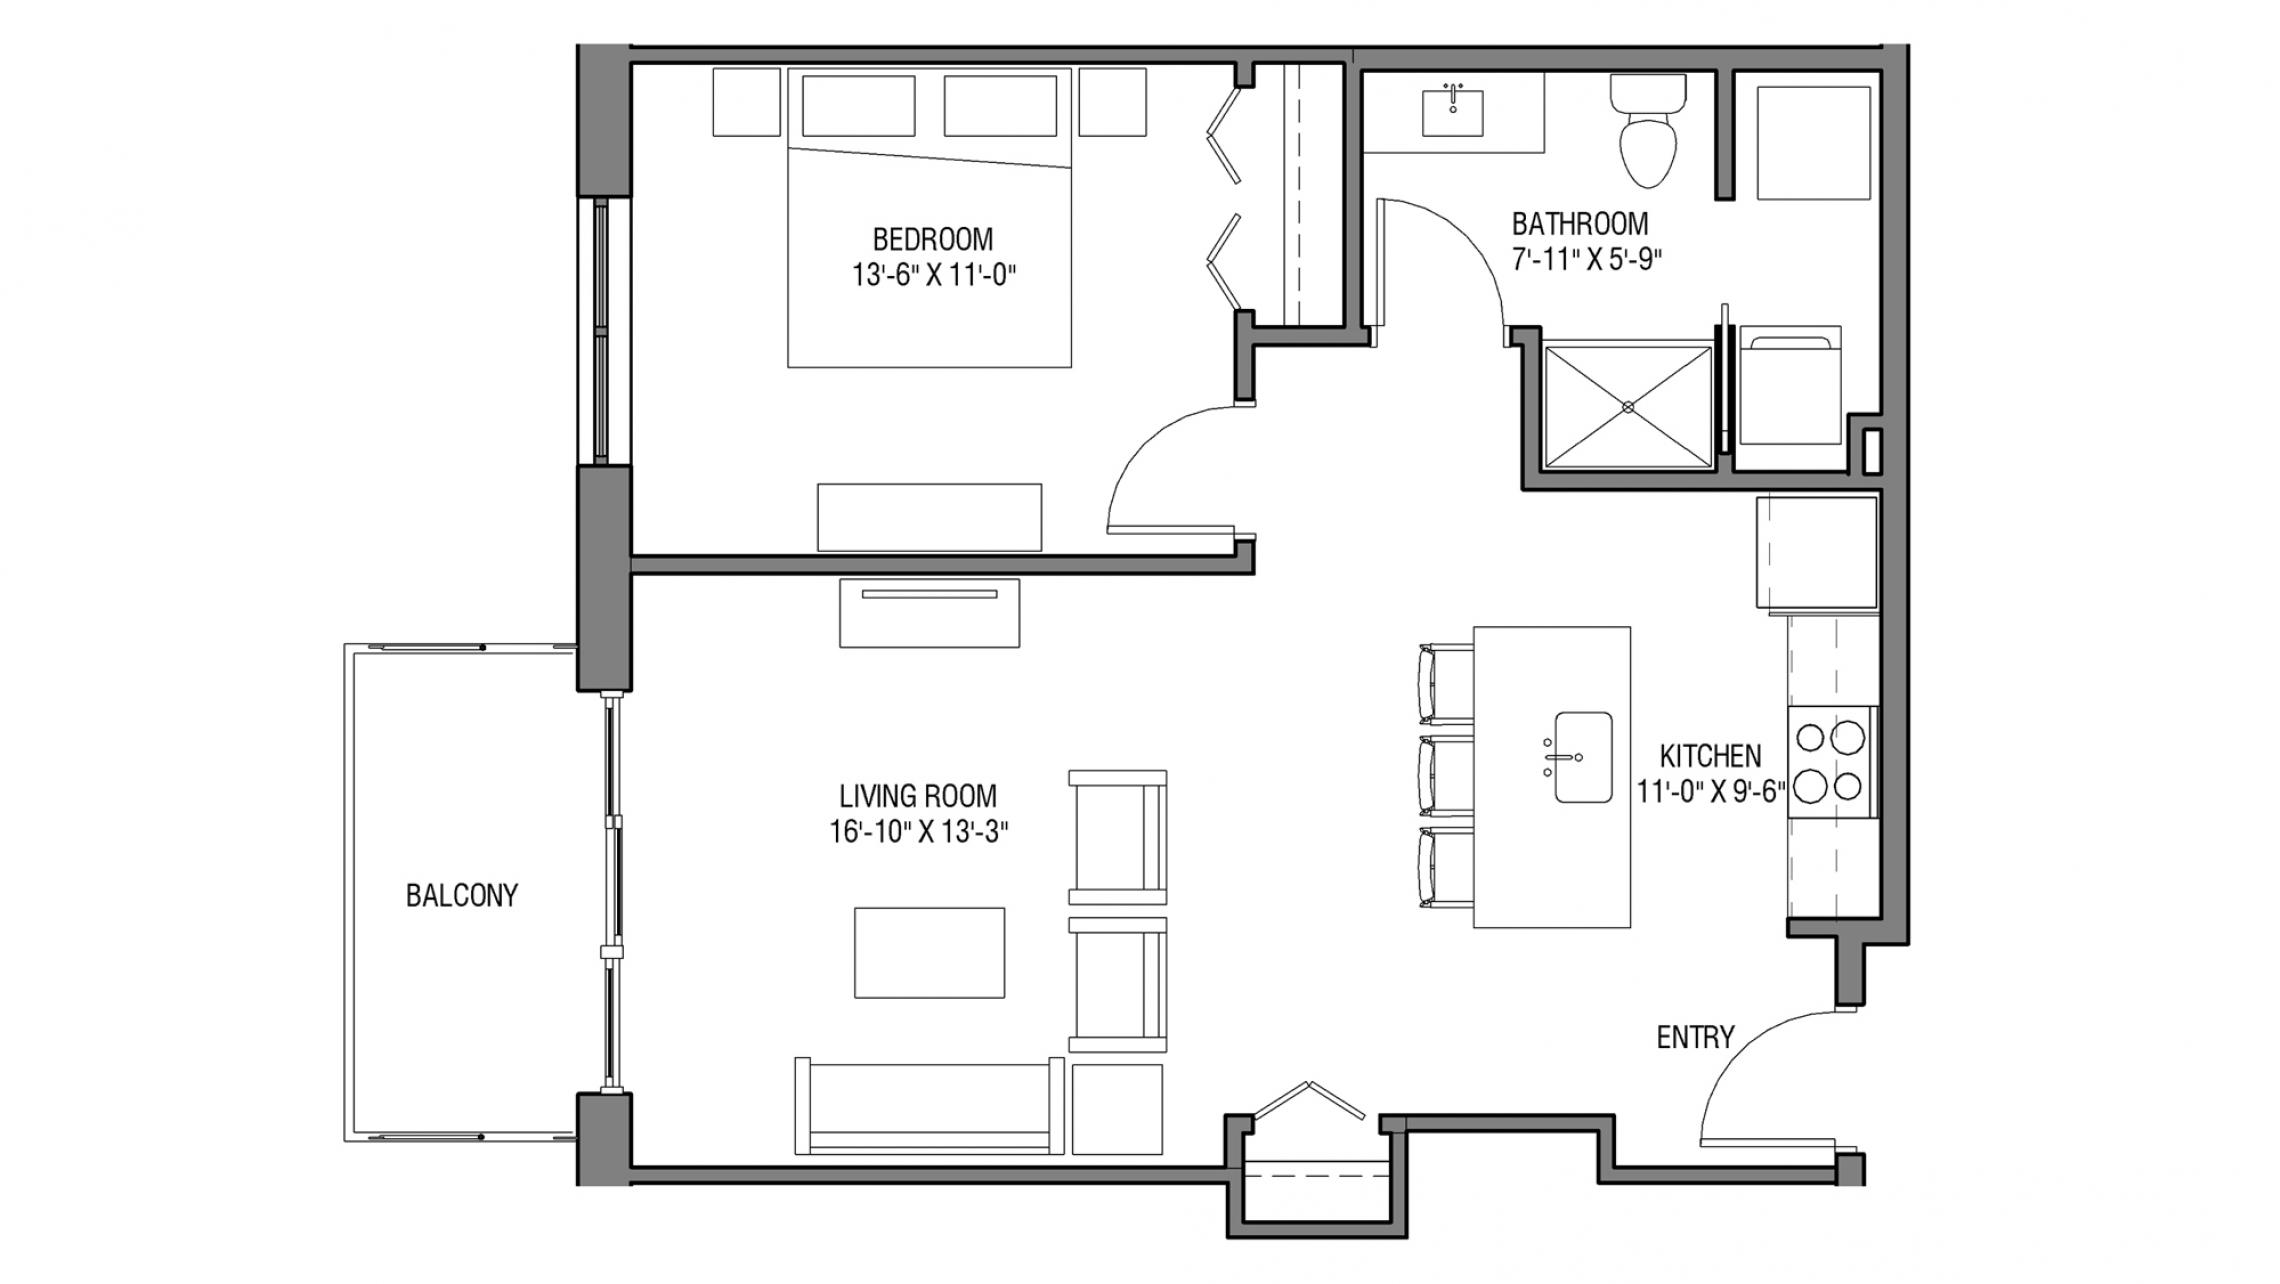 ULI Nine Line 421 - One Bedroom, One Bathroom